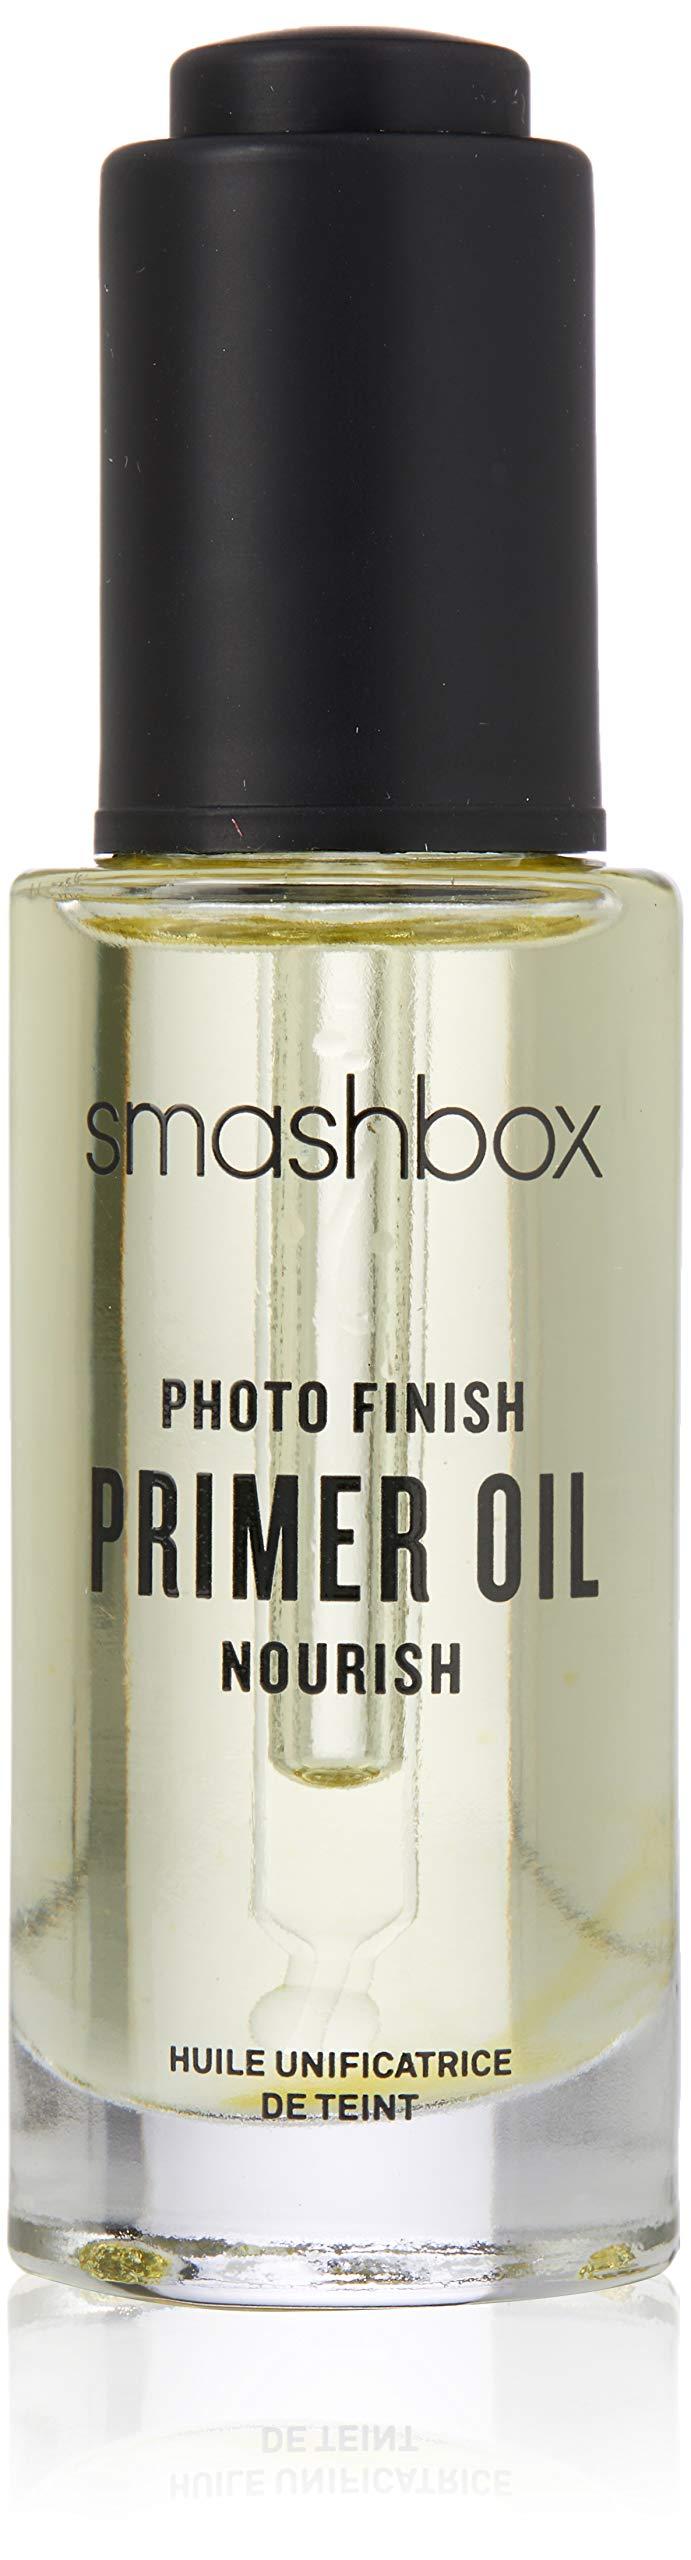 Smashbox Smashbox Photo Finish Oil Primer, 1 Ounce